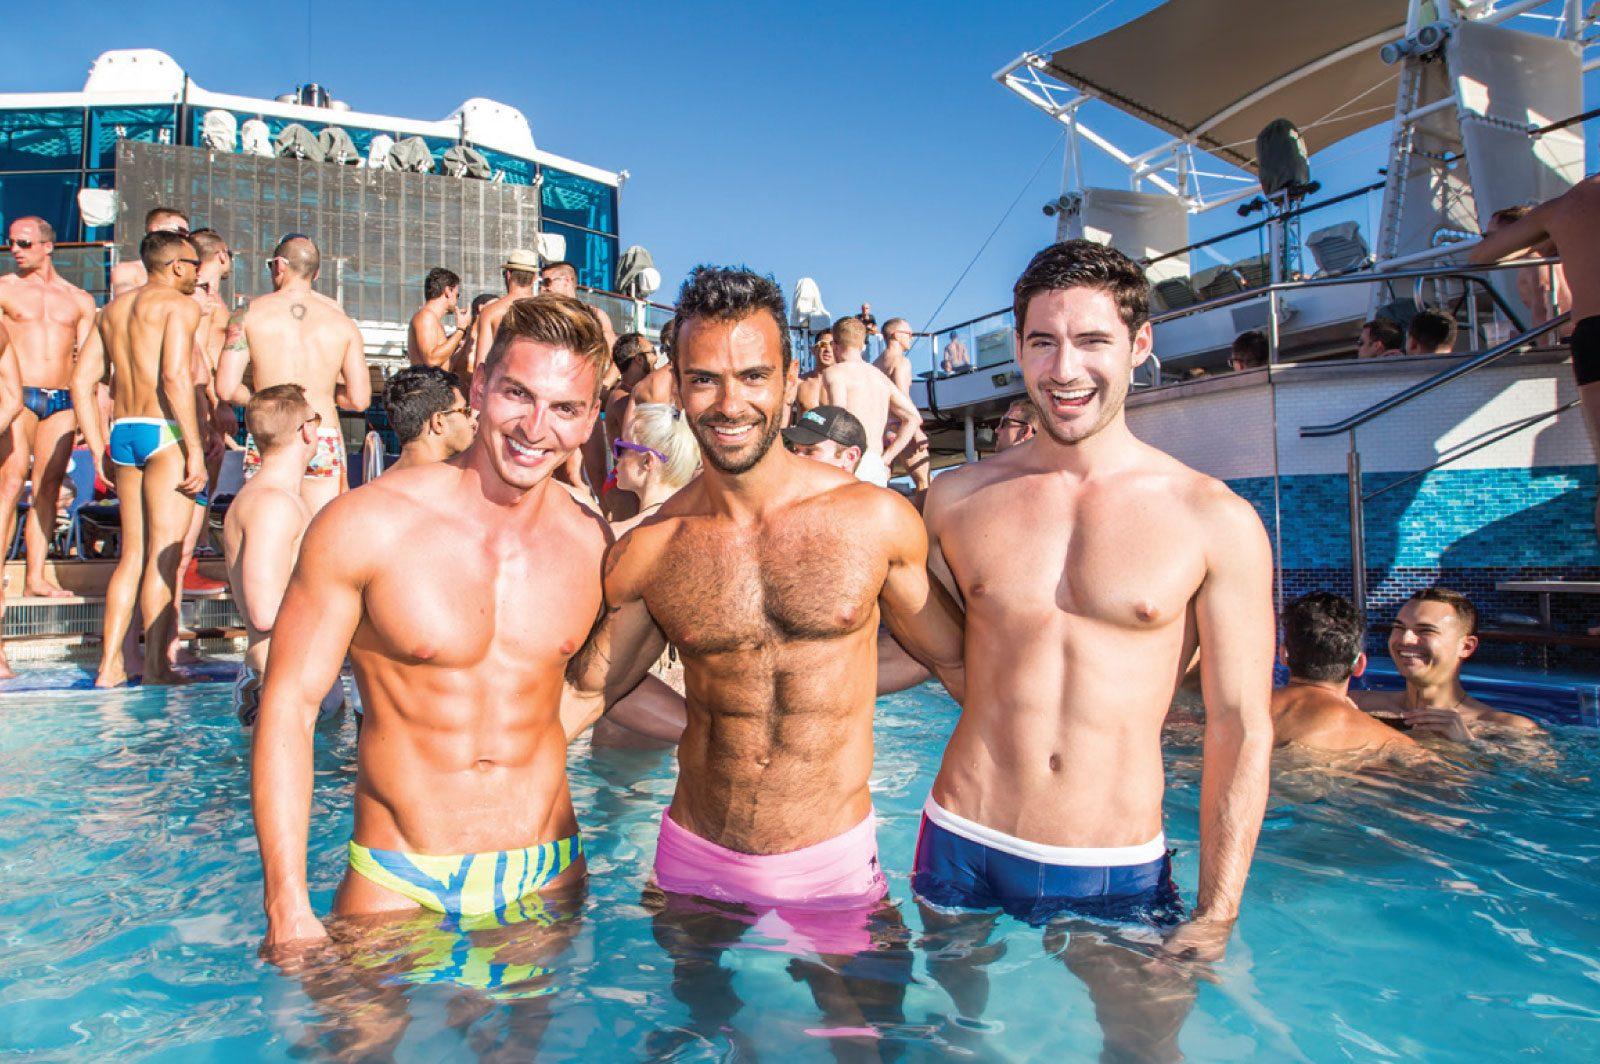 Eşcinseller İçin Olan Gemi Turlarına Çıkmadan Önce Bilmeniz Gereken 10 Şey!